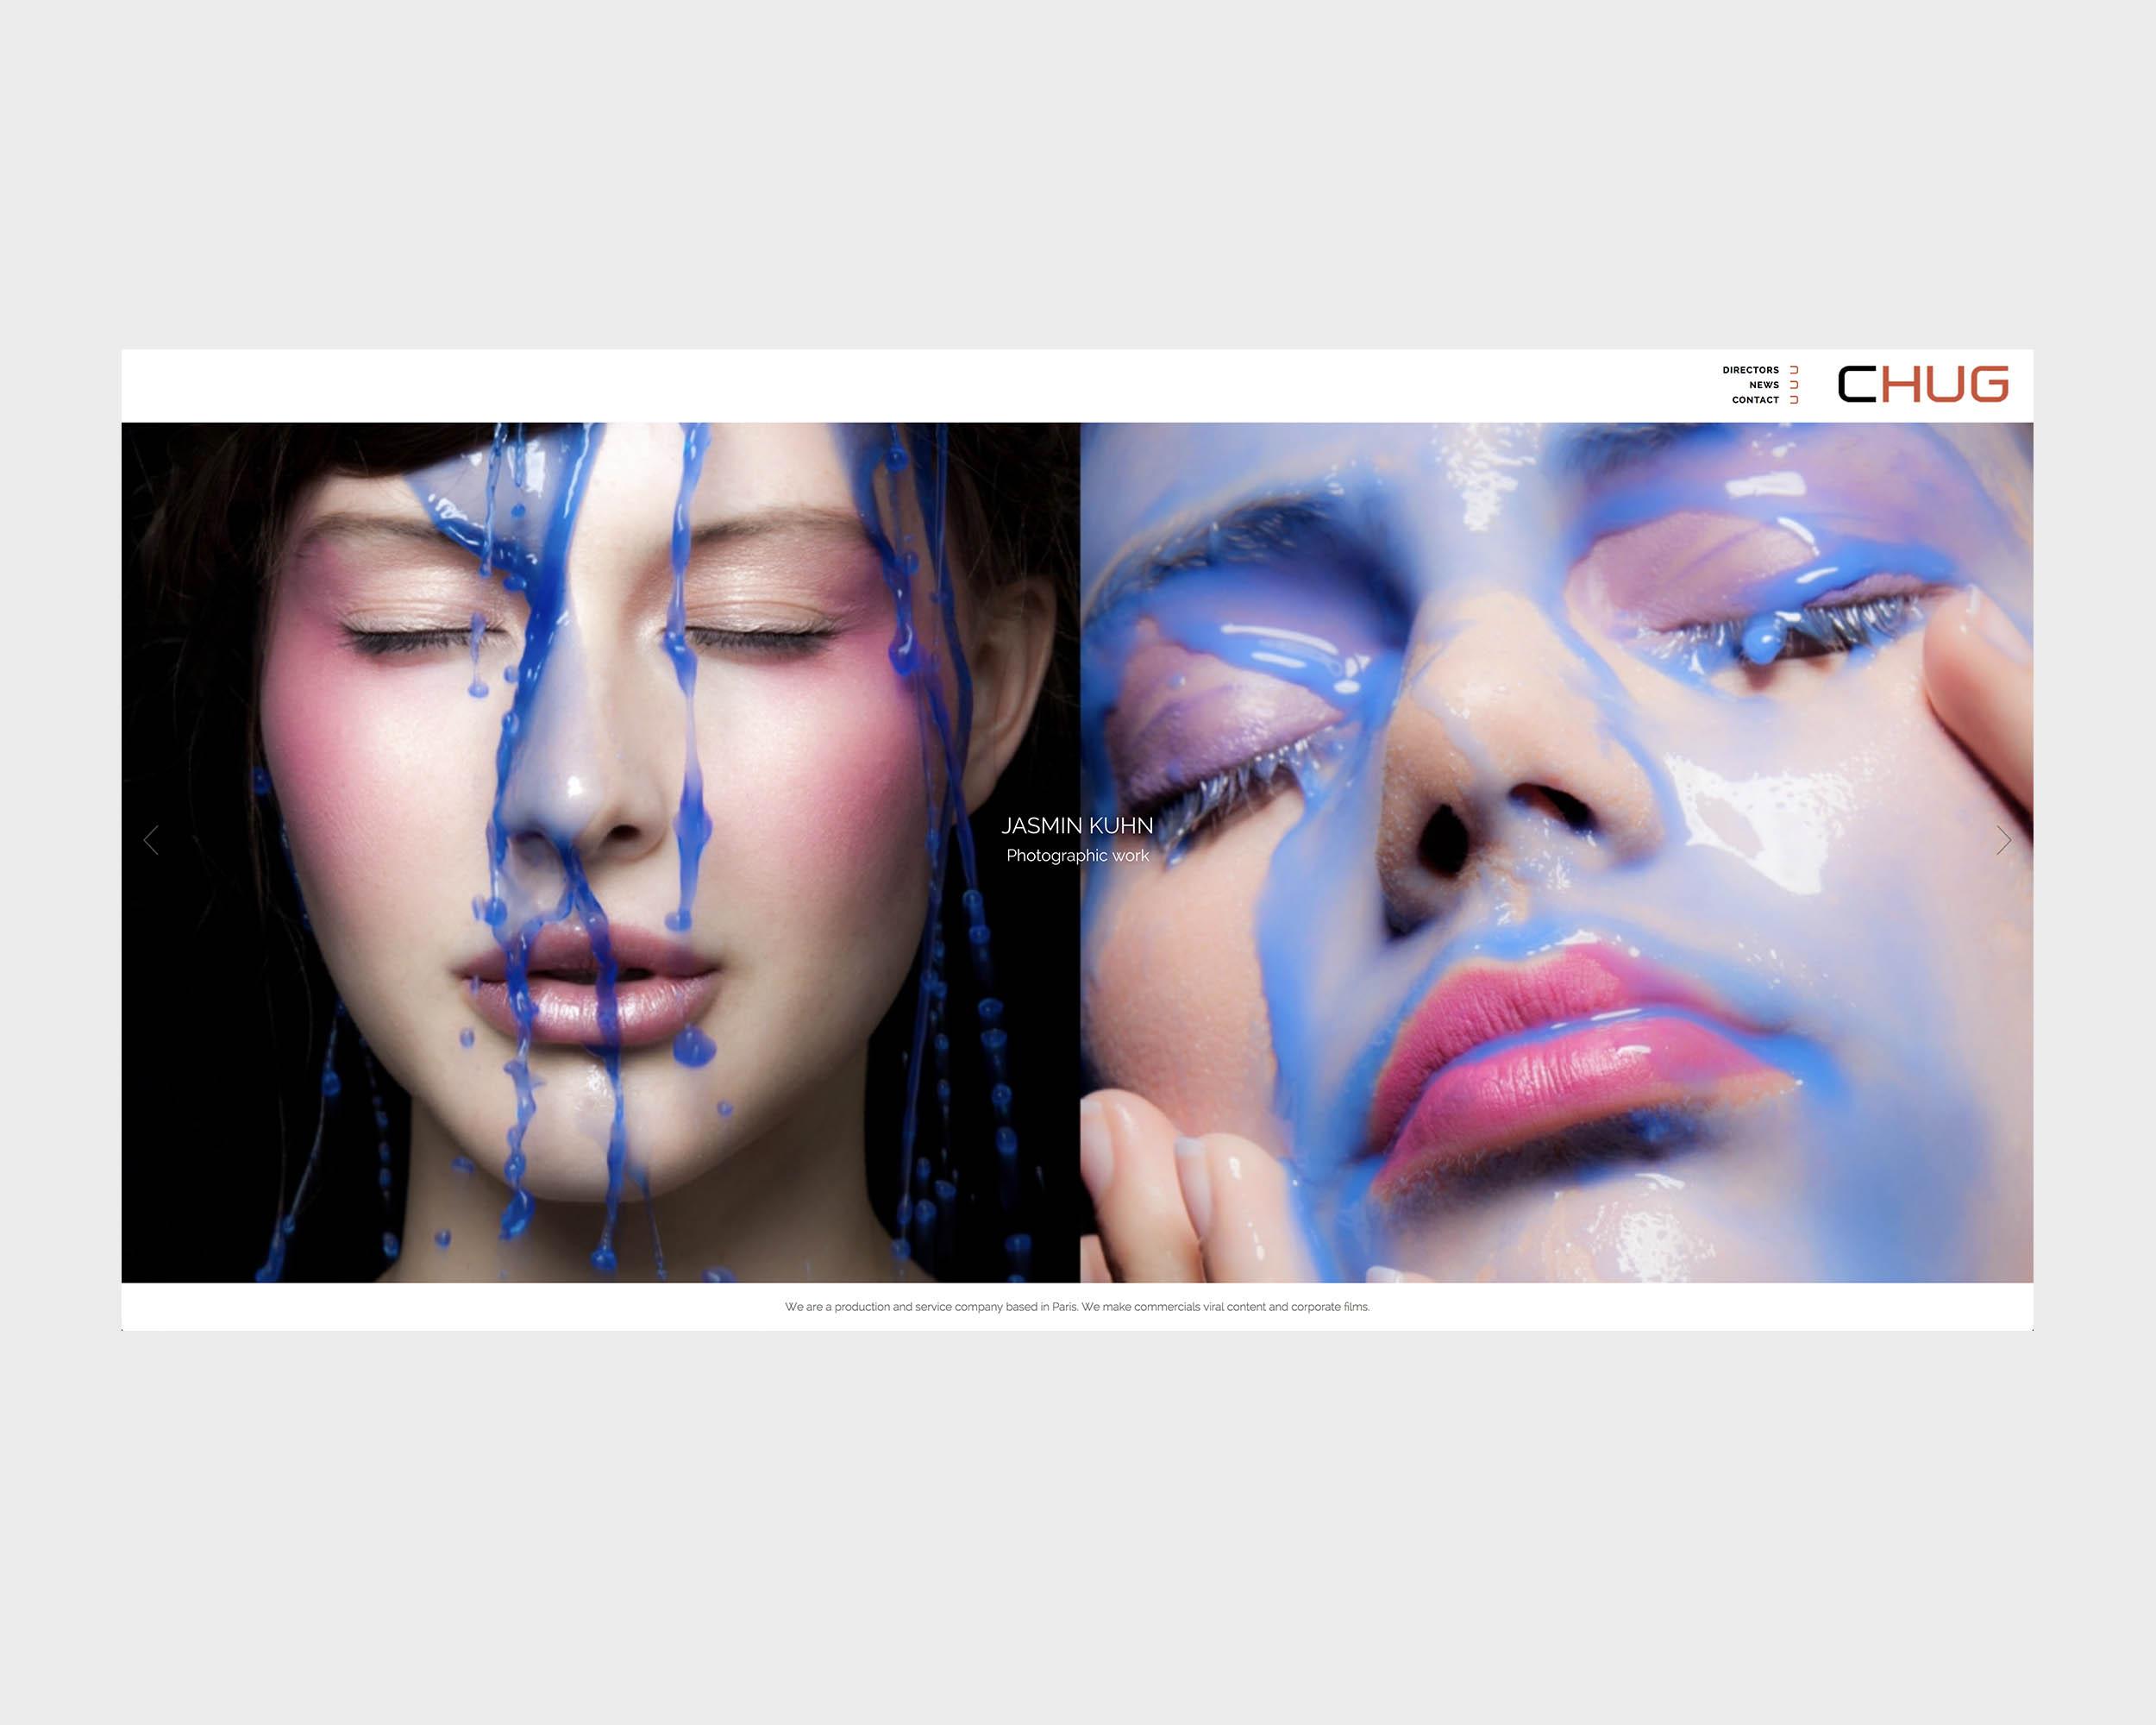 Accueil Chug Films - Création site internet - Laurent Forbault - Webmaster Freelance Paris